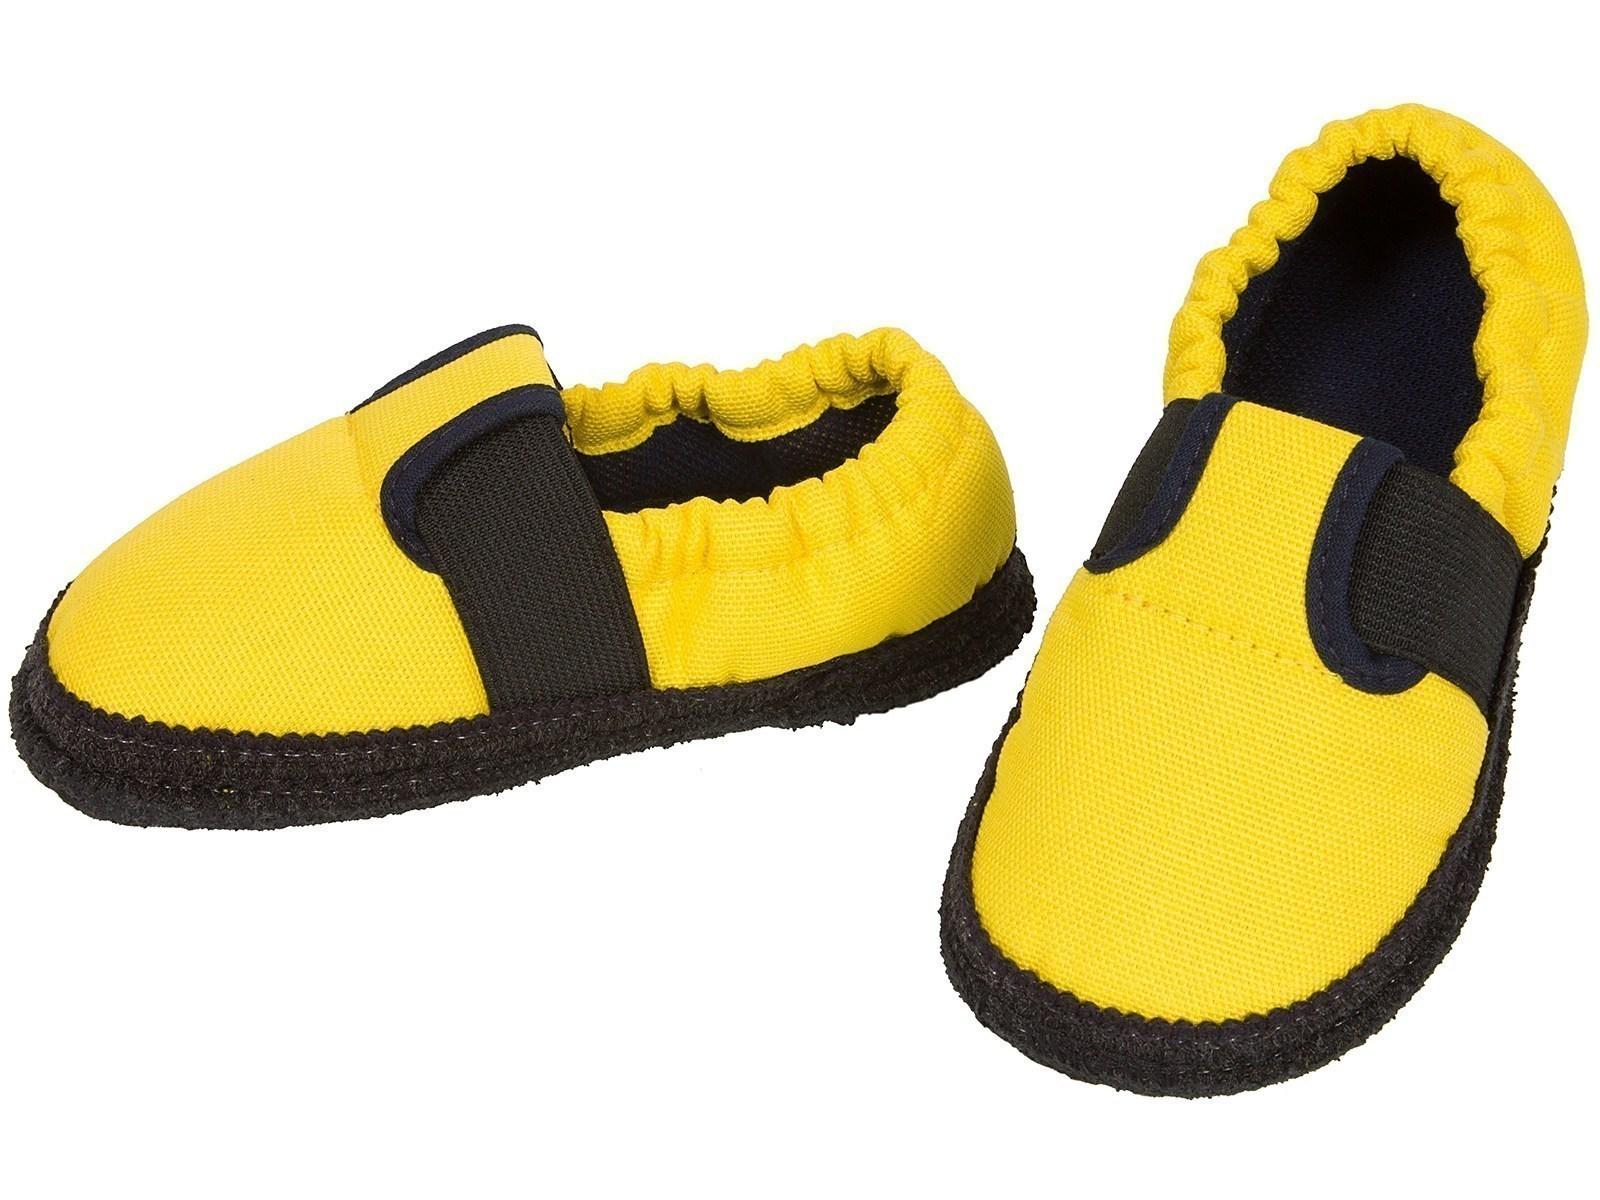 Kinder Hausschuhe Gelb, 23.